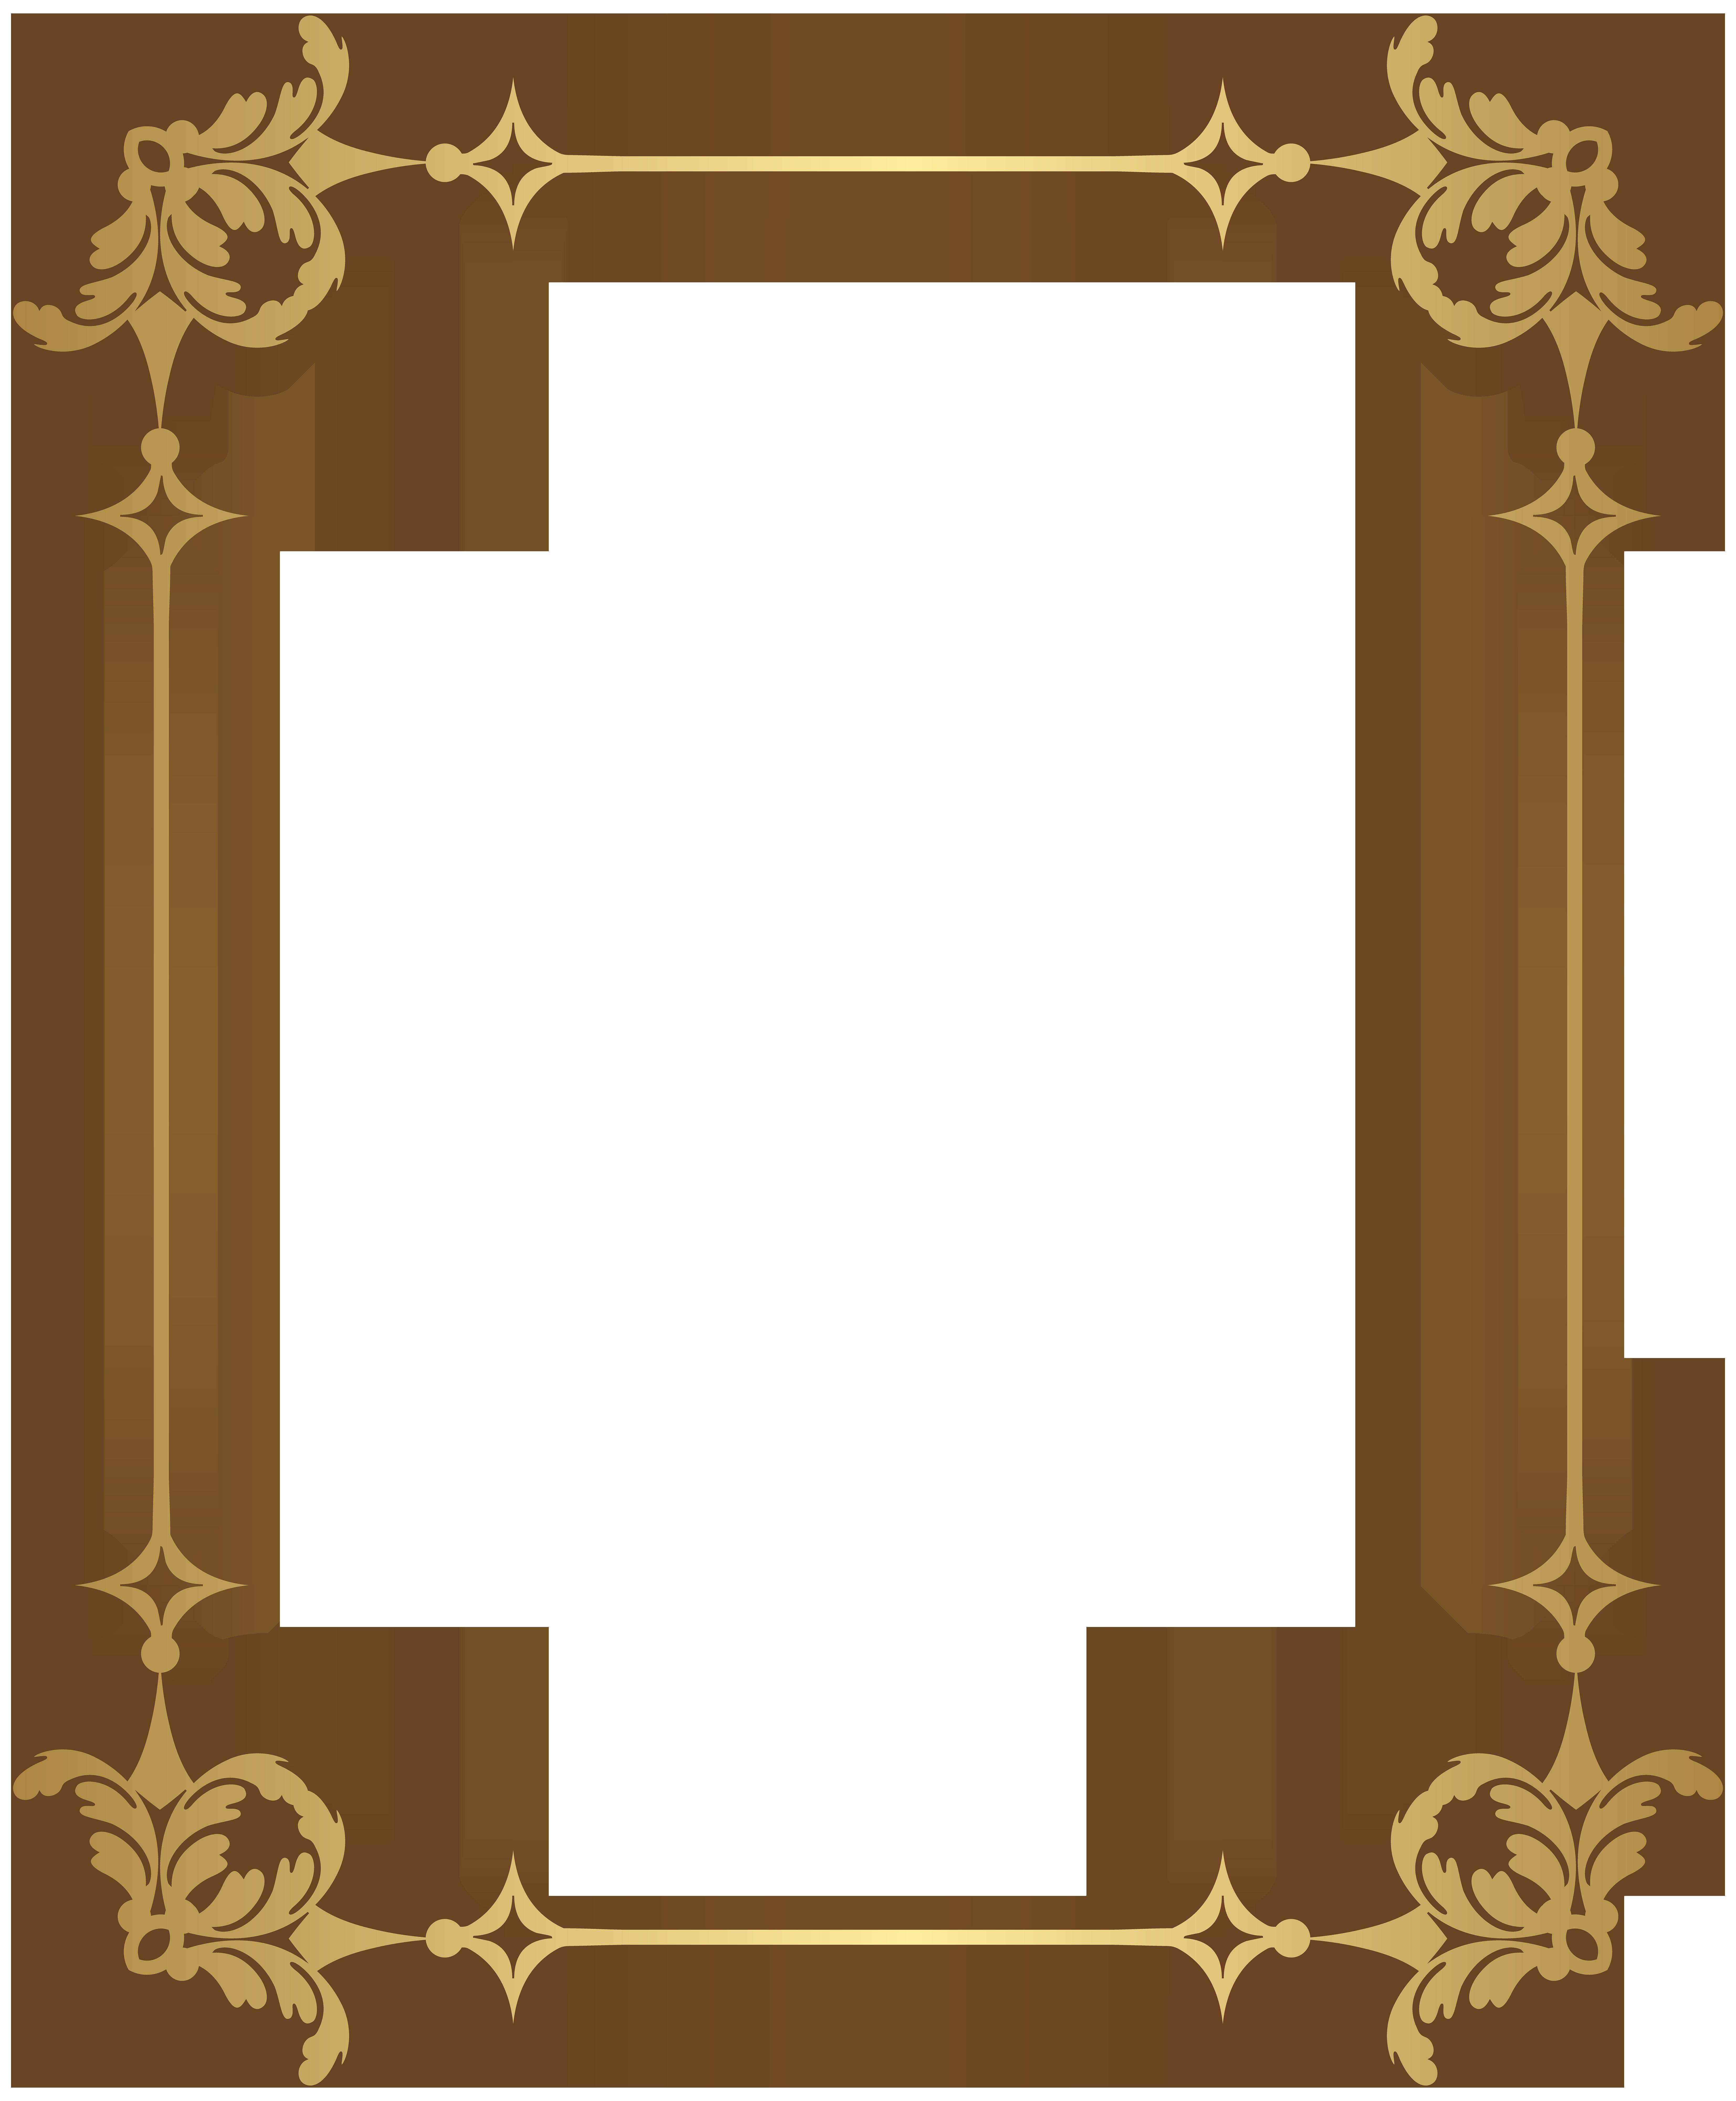 Border Frame Decoration Transparent PNG Clip Art.